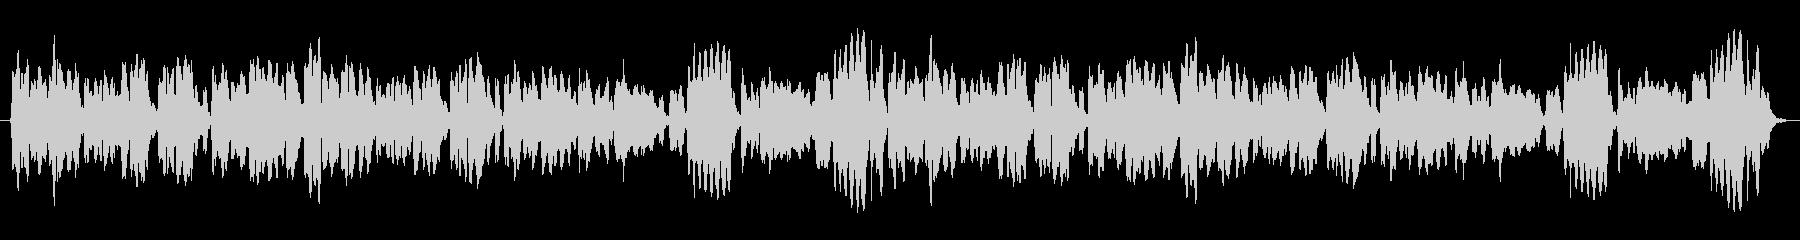 穏やかなフルート三重奏のアンサンブル(…の未再生の波形